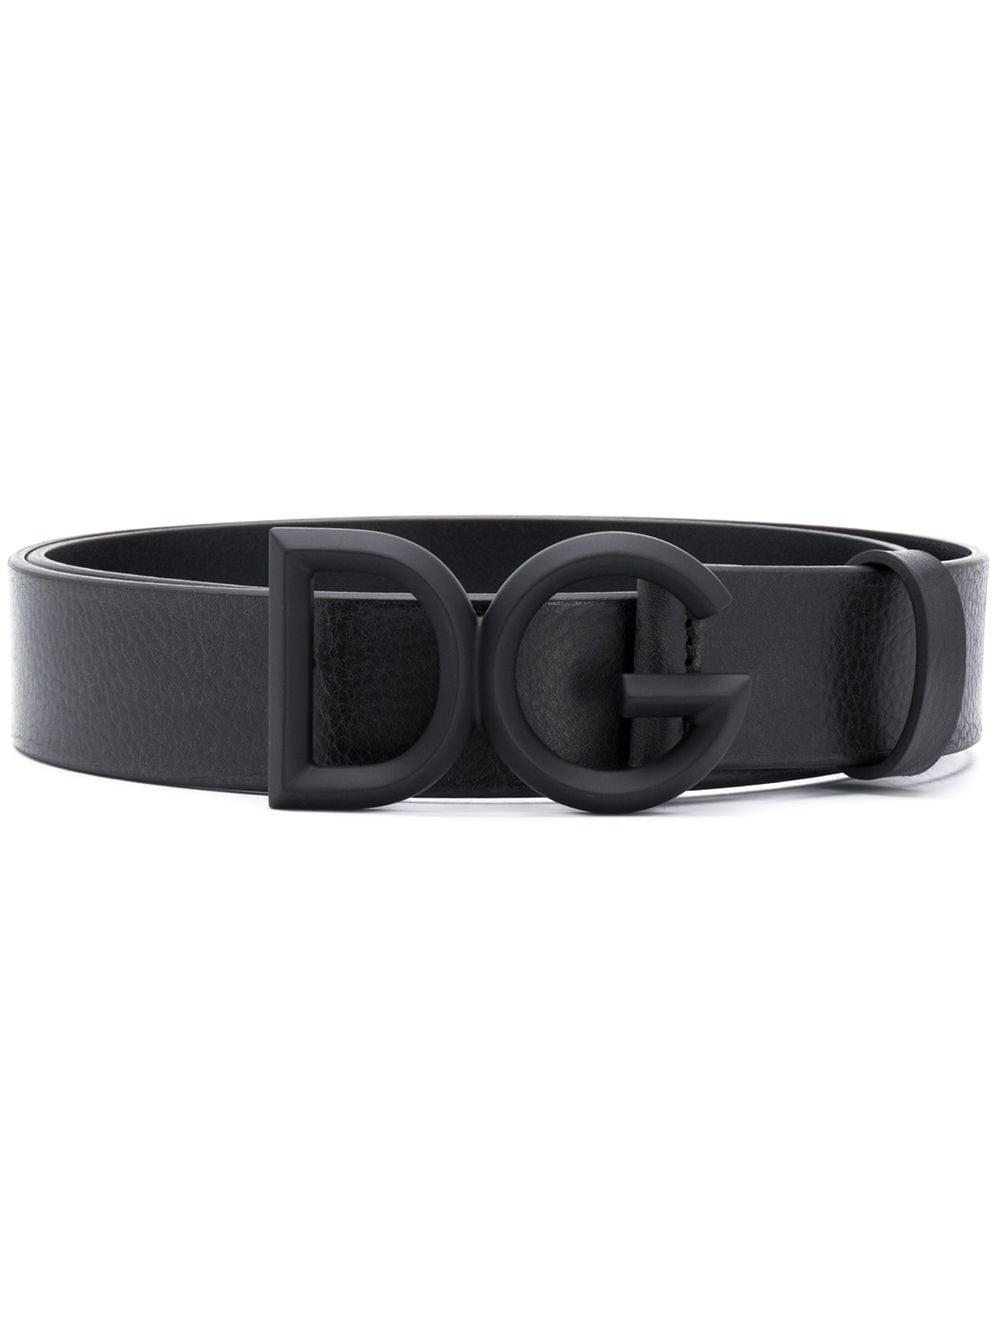 Cintura 3,5cm in pelle di vitello nera con fibbia scura DG frontale DOLCE & GABBANA | Cinture | BC4465-AV4808H567